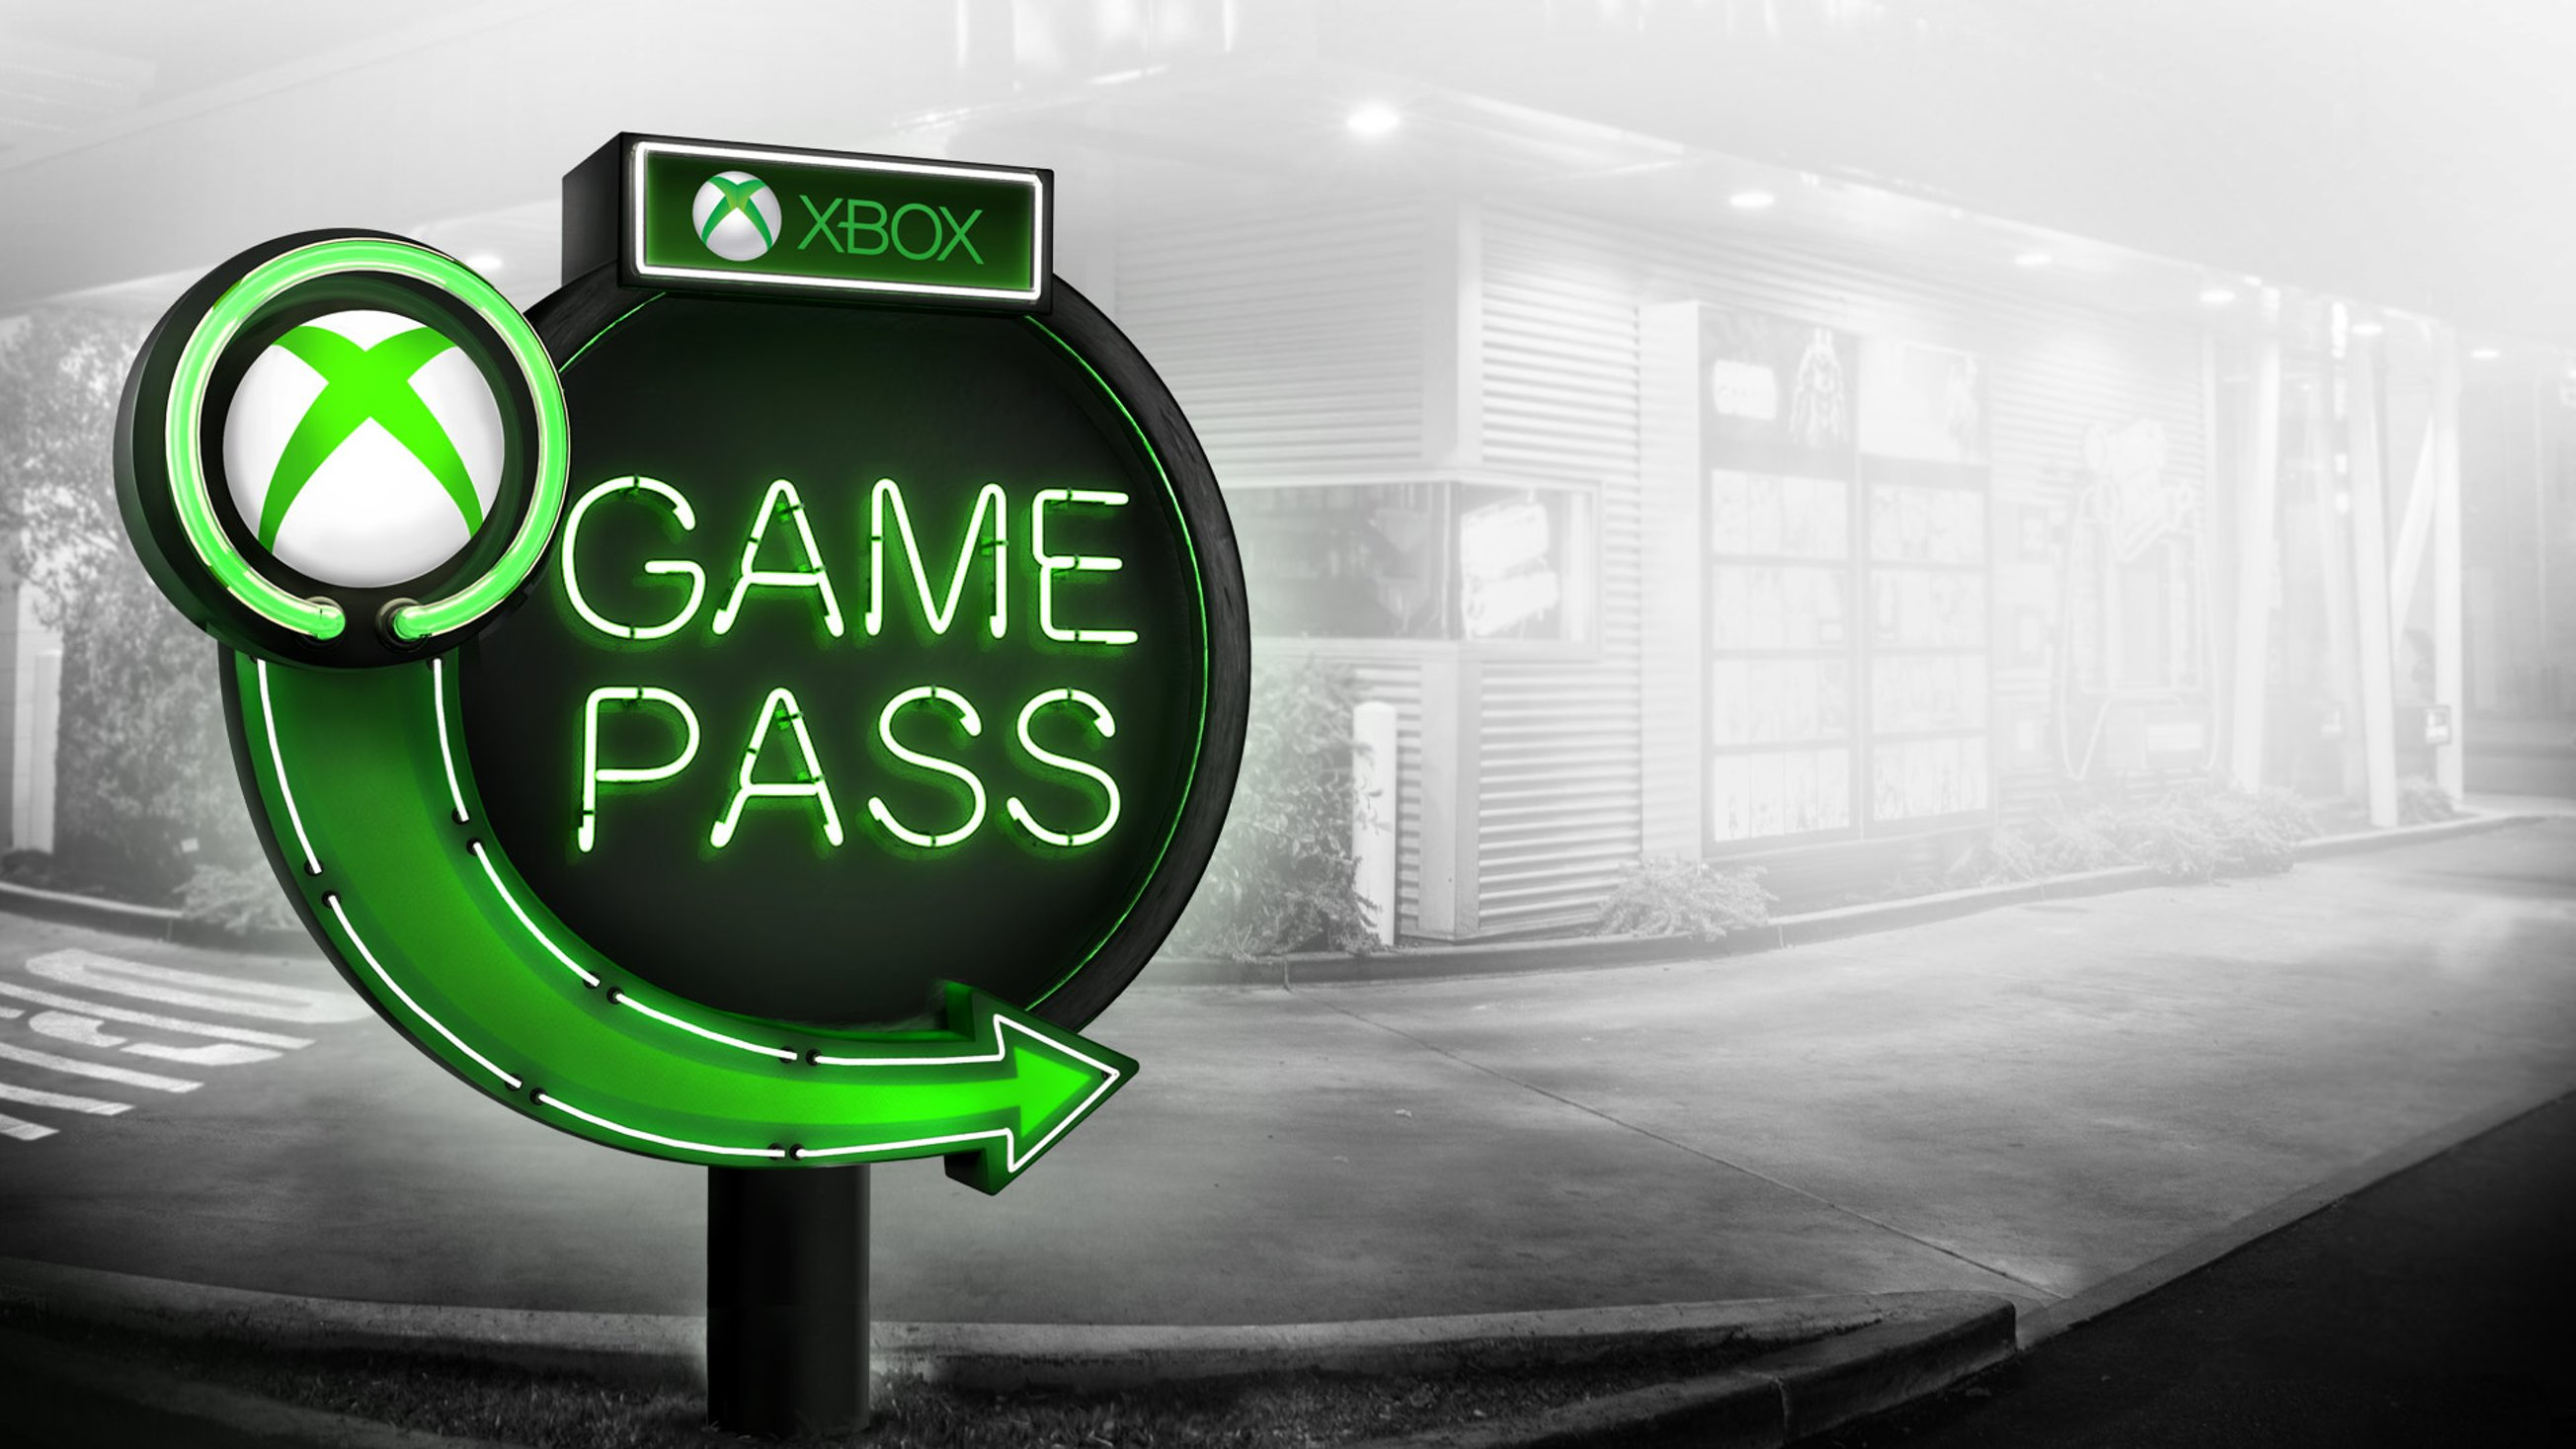 xbox_game_pass-3987816